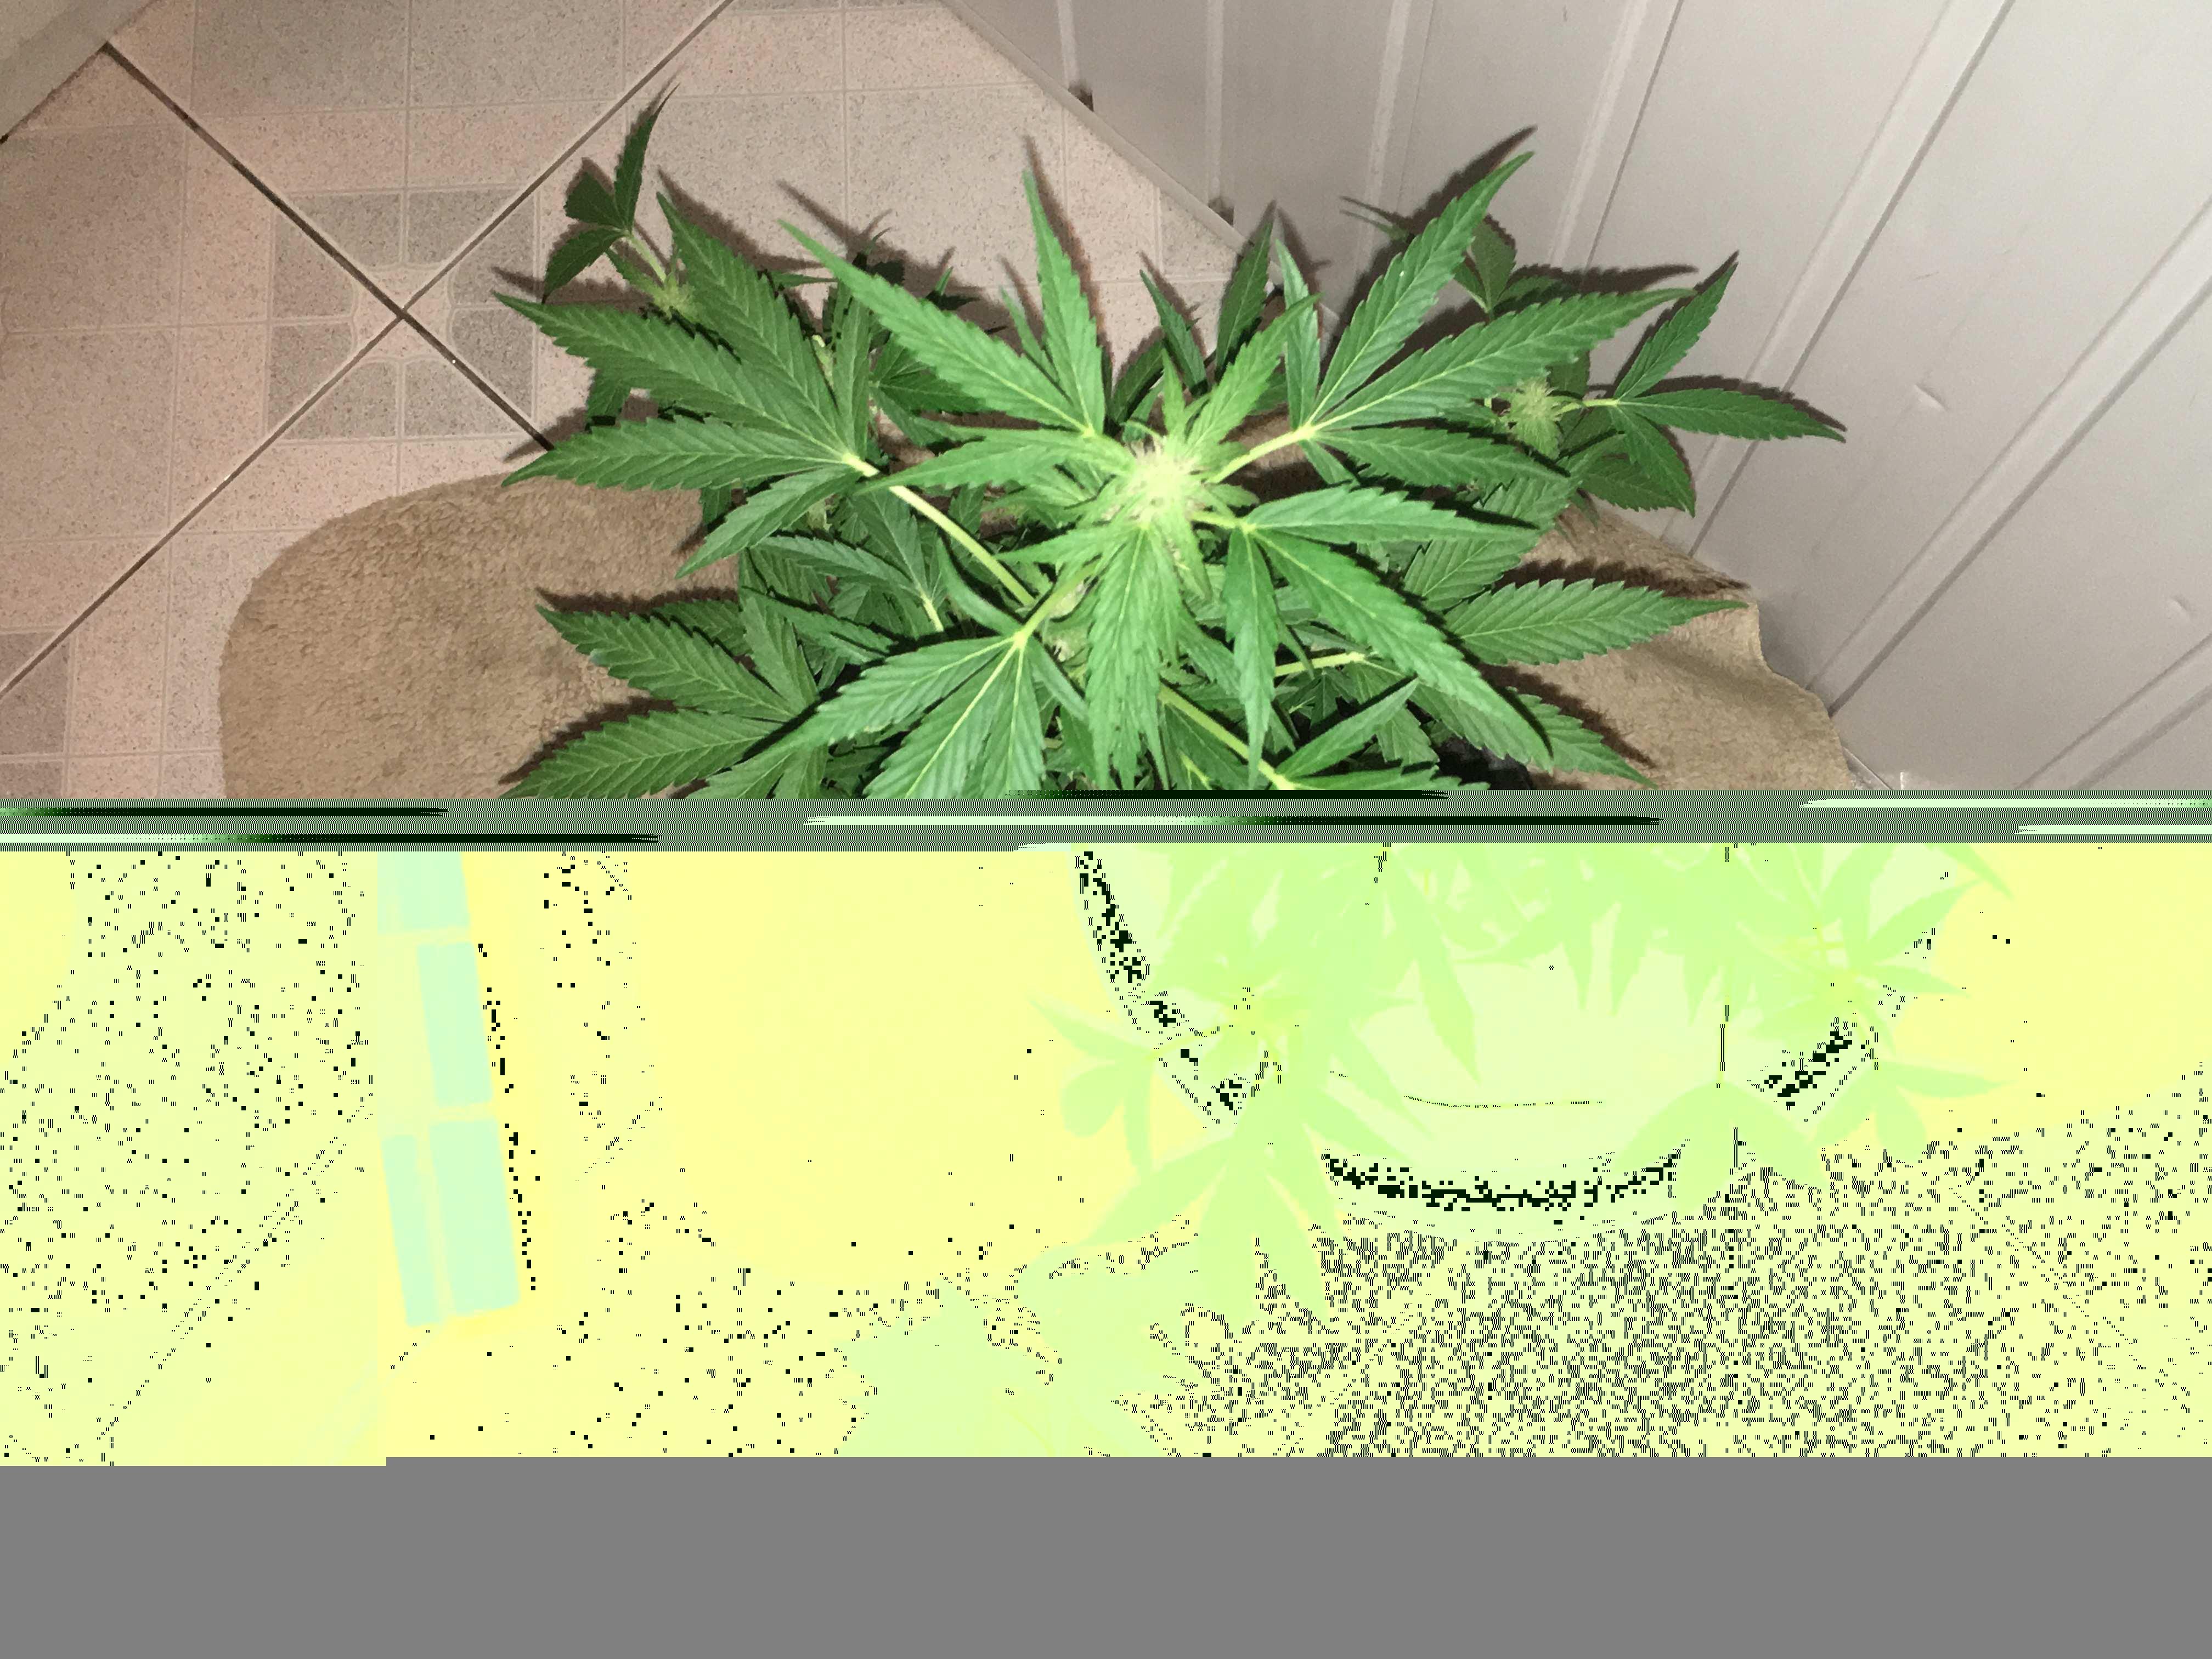 Реп про марихуану скачать как высушить шишки конопли